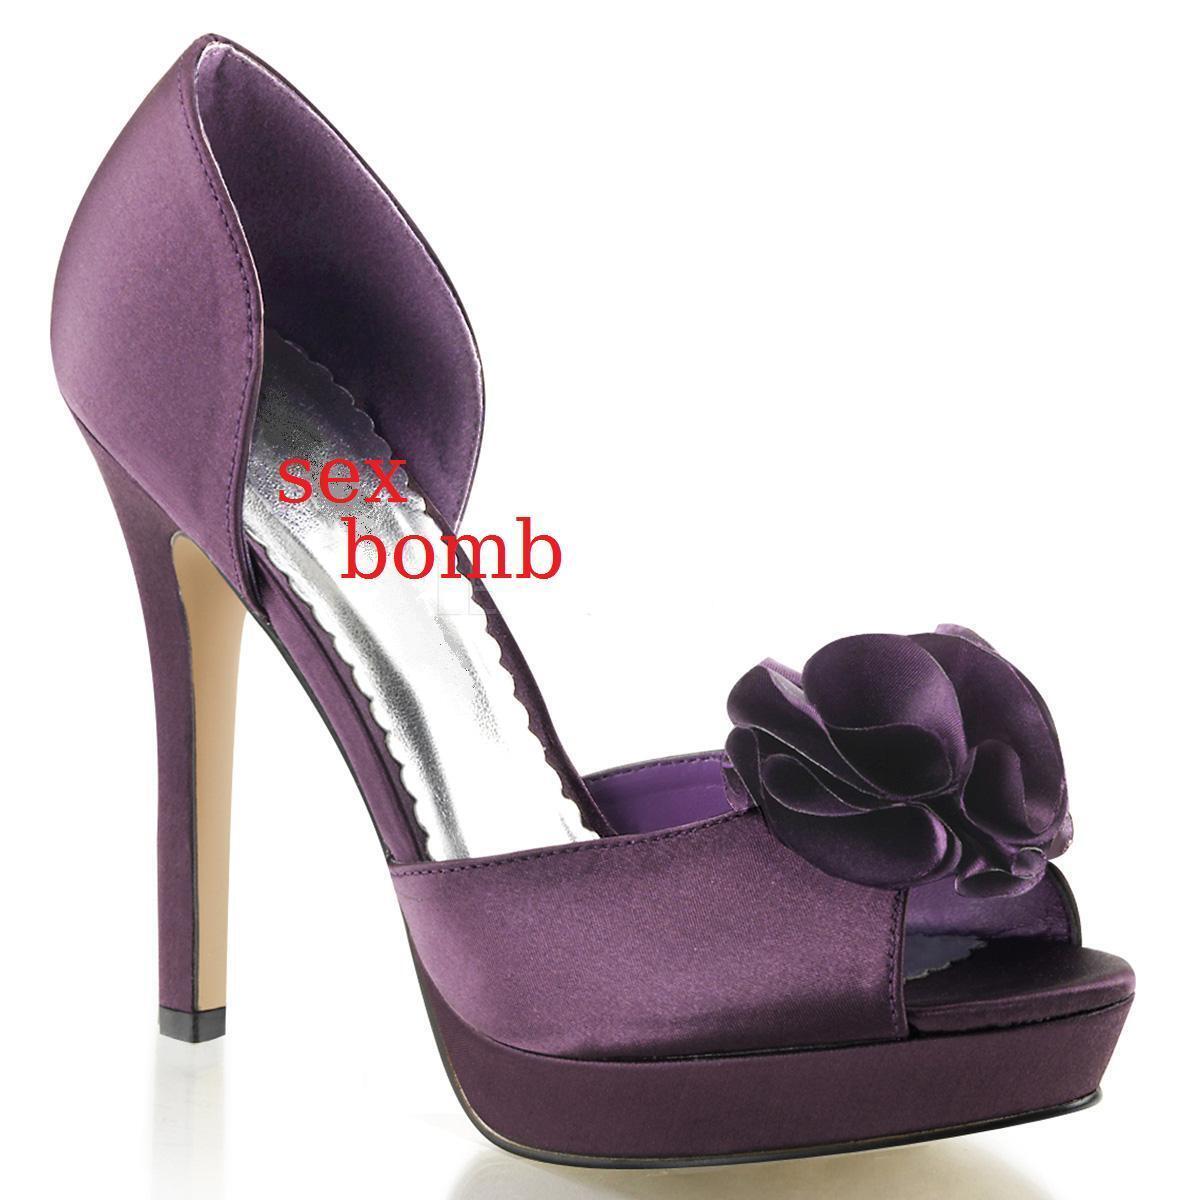 SEXY scarpe decolte raso spuntate TACCO    TACCO 12 dal 35 al 41 VIOLA ... 76f1e4